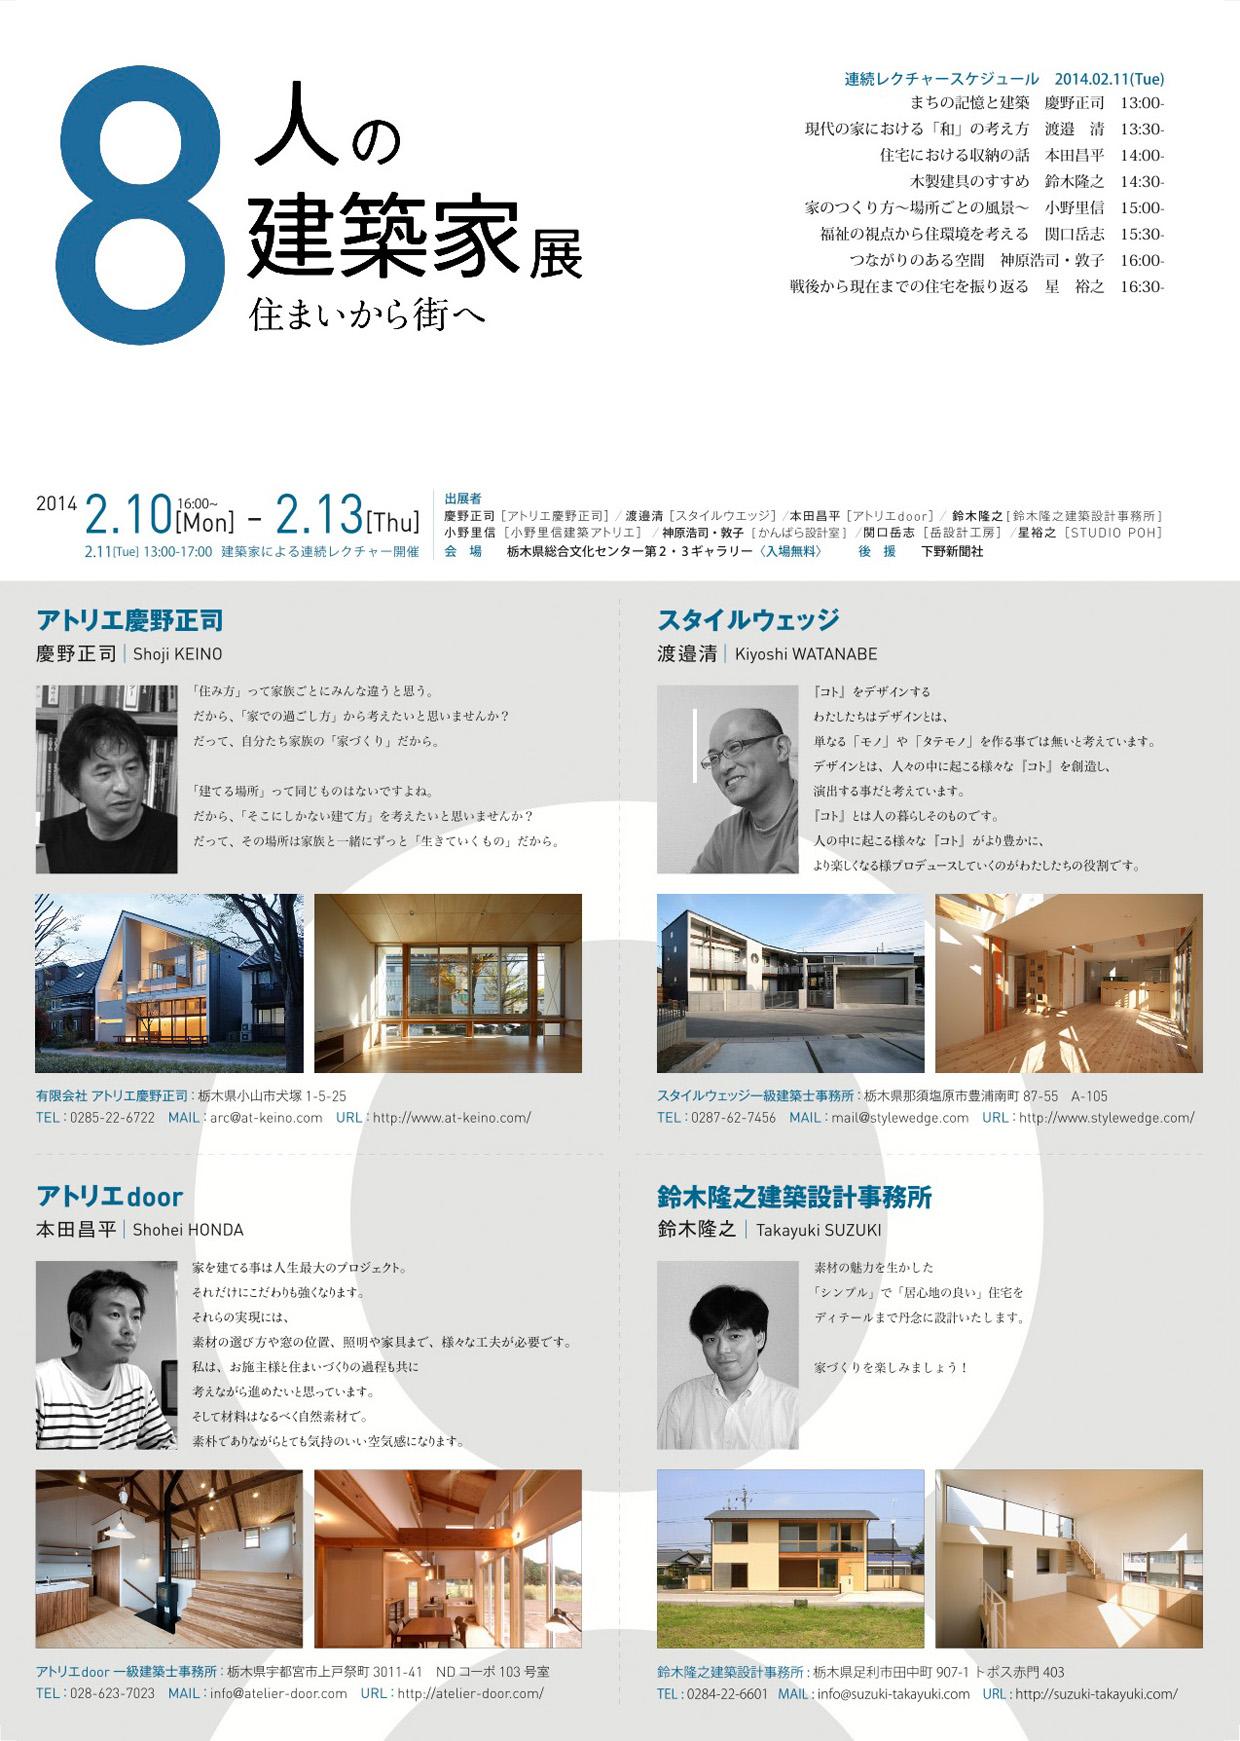 8人の建築家展 2014 〜宇都宮_e0127948_1610273.jpg